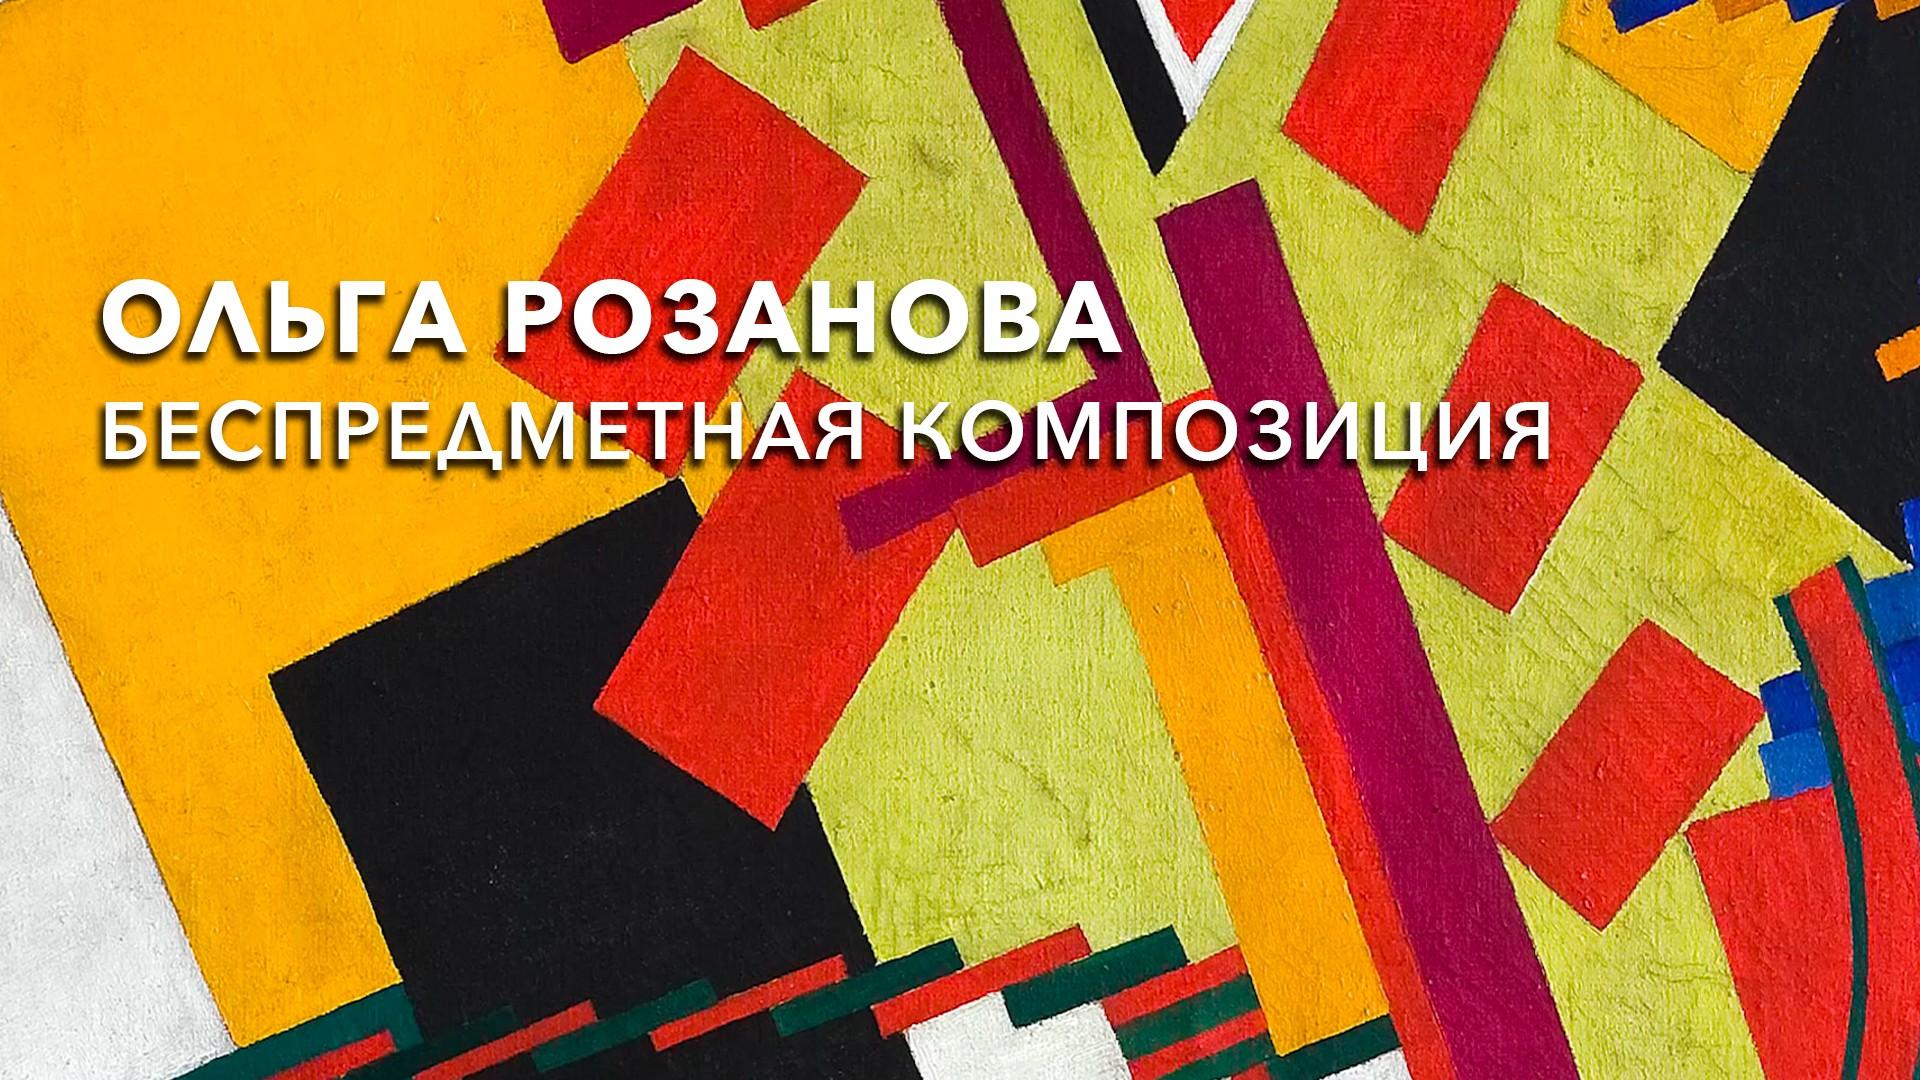 Ольга Розанова. Беспредметная композиция